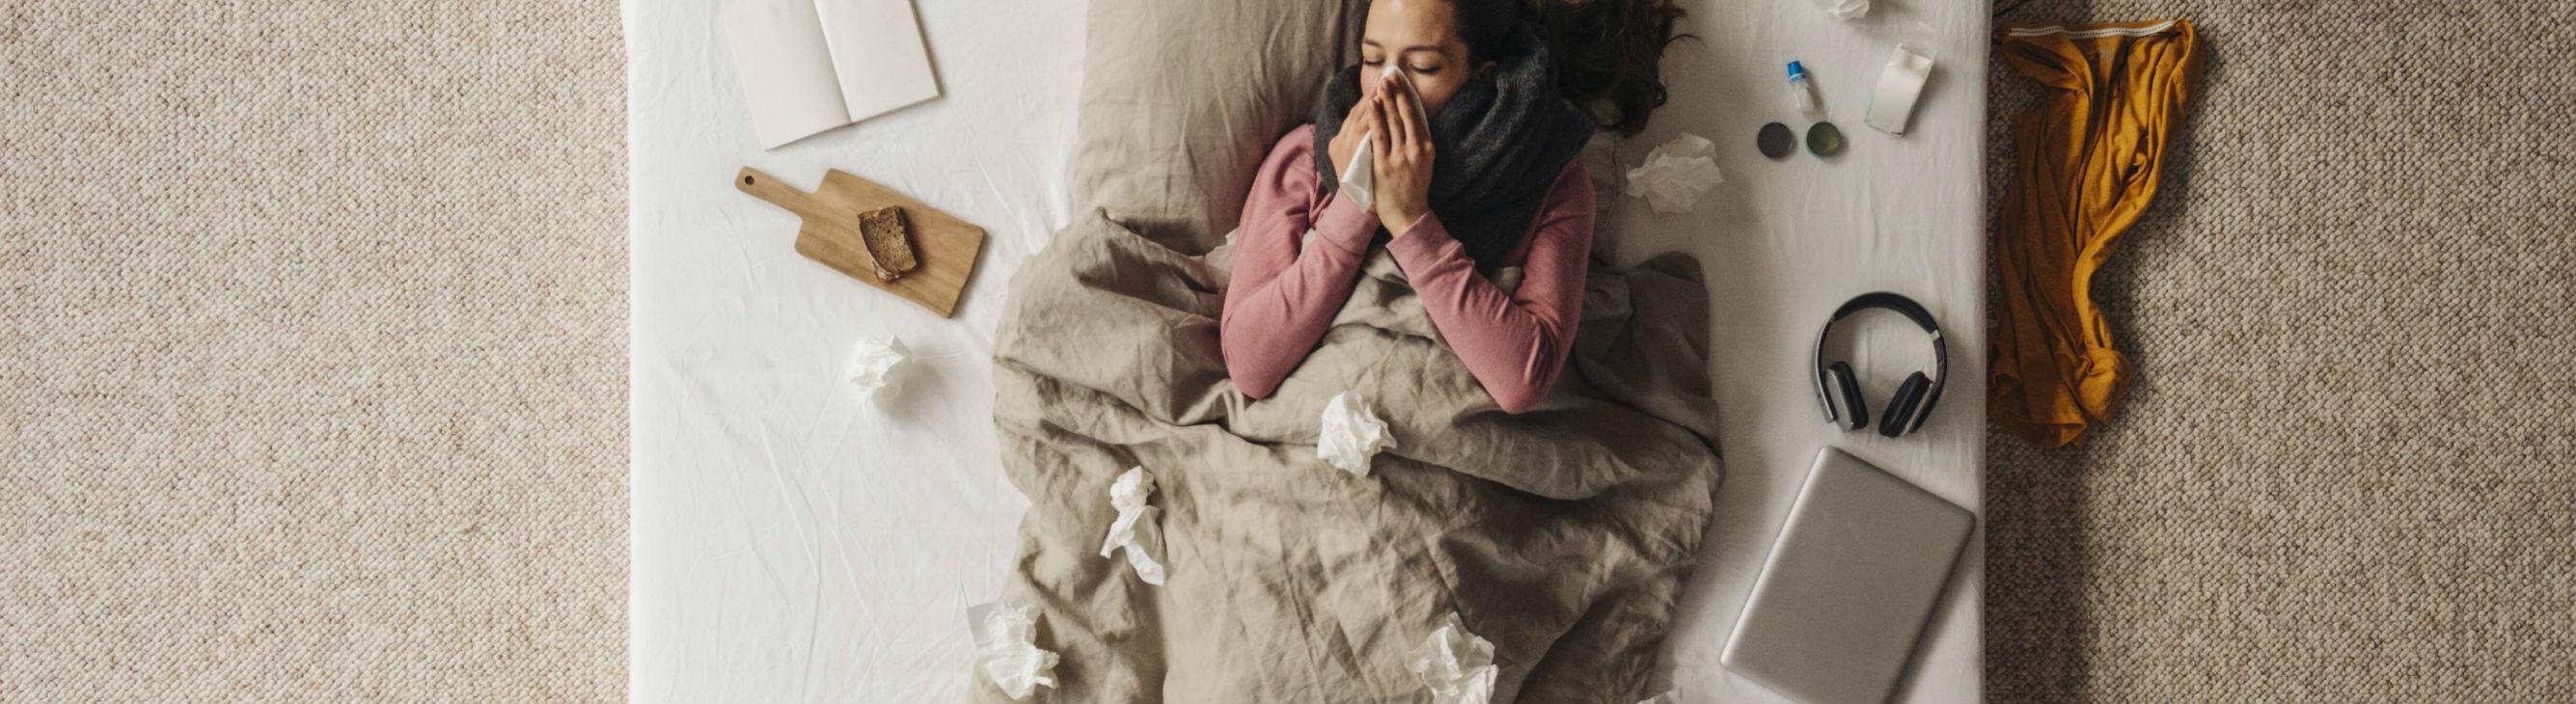 Eine Frau liegt im Bett und um sie herum liegen viele benutzte Taschentücher.